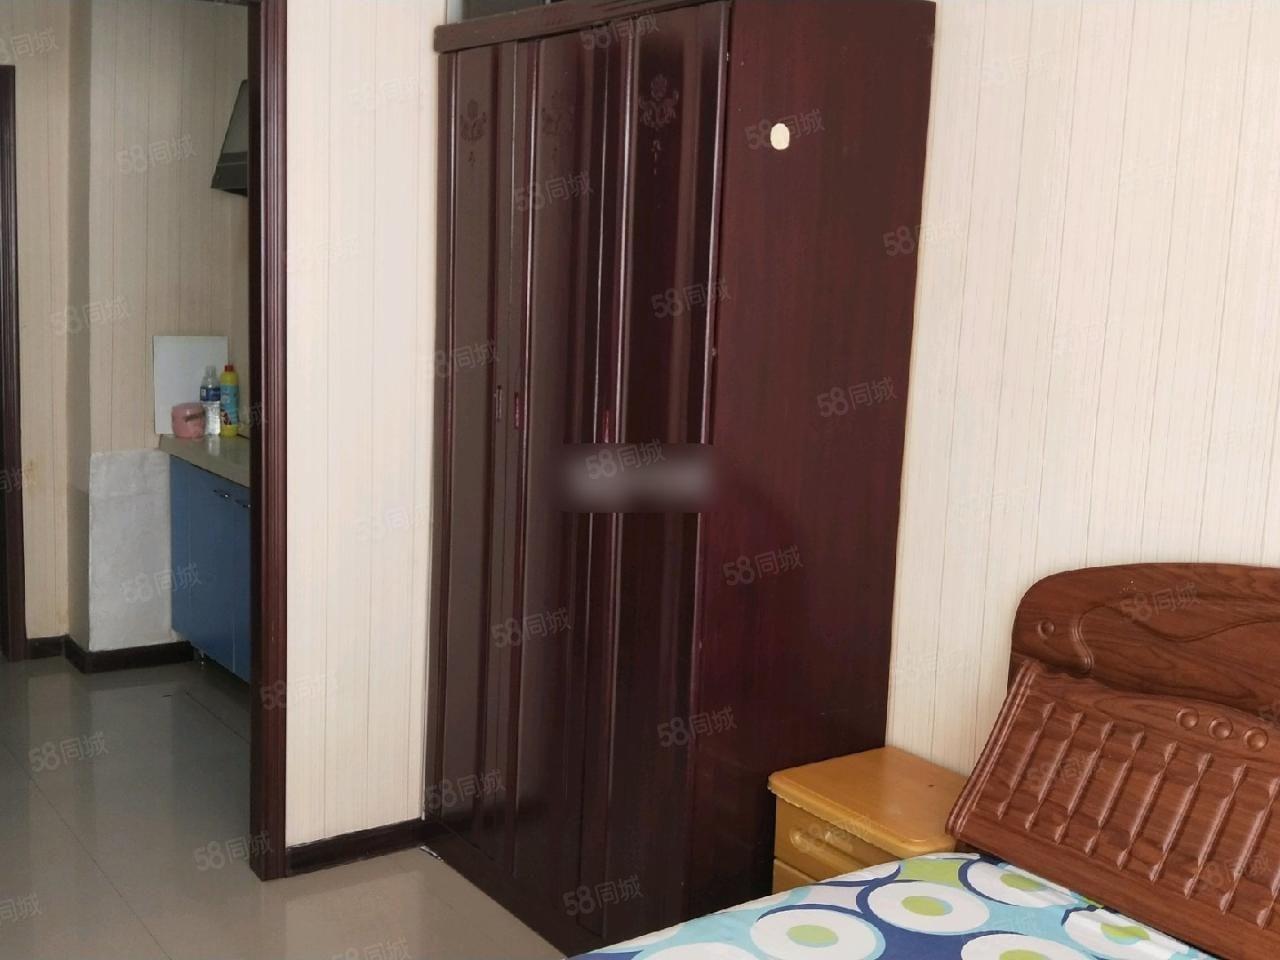 和谐家园公寓7楼40平有床衣柜电视